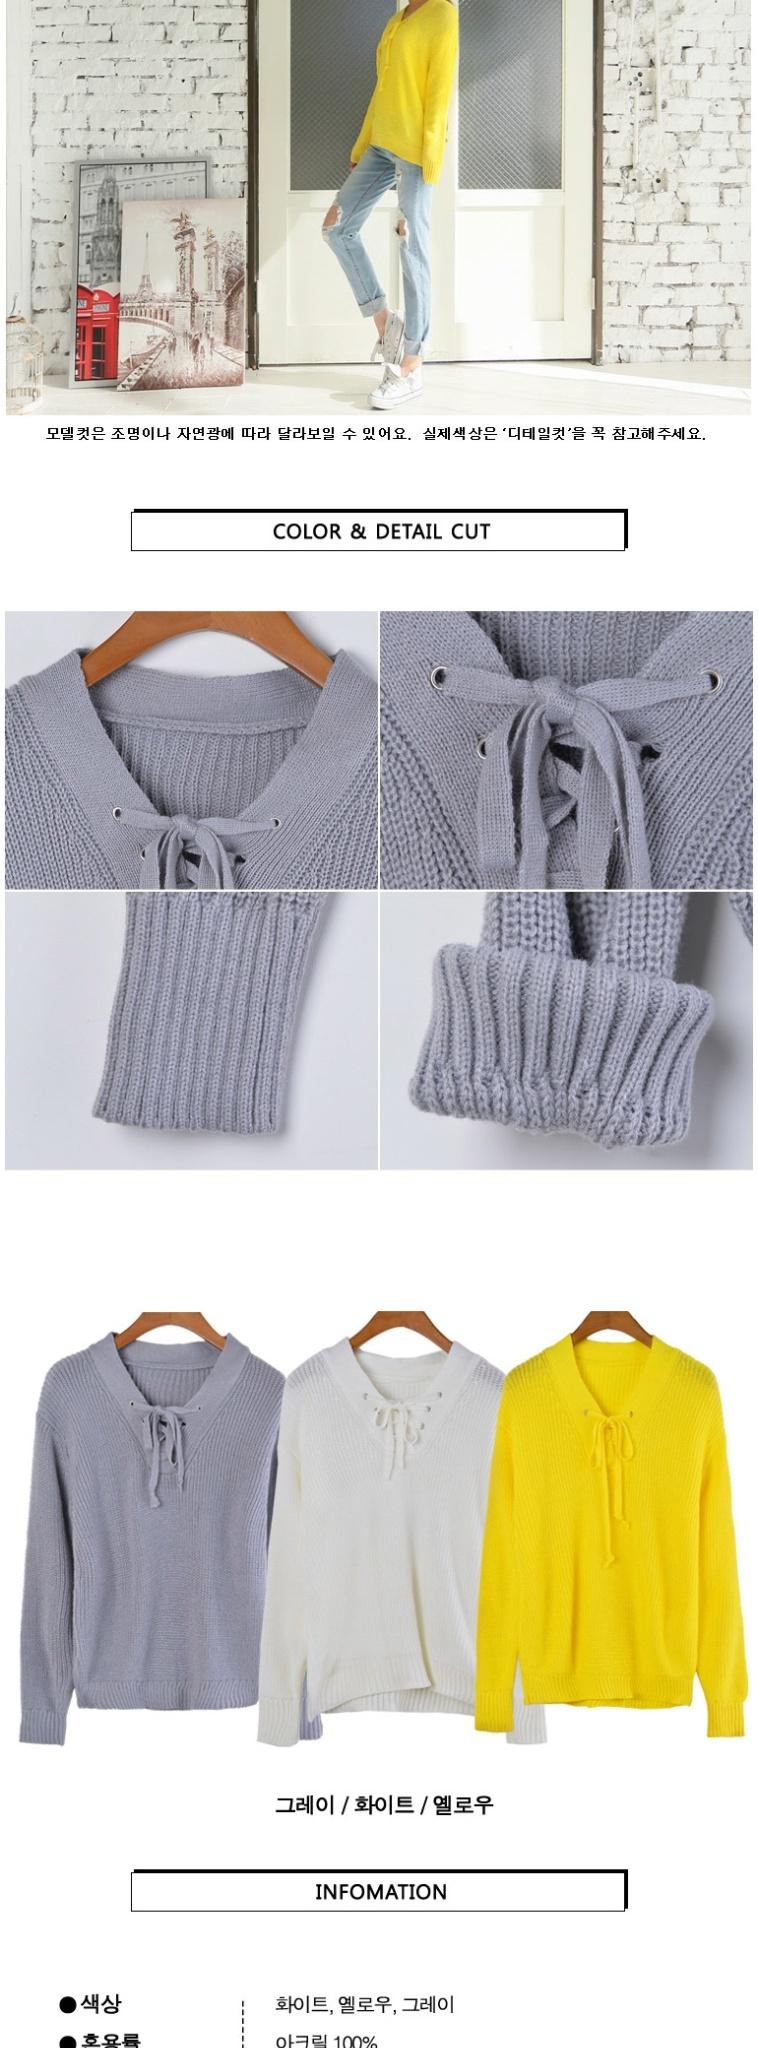 [무료배송] 블라우스/원피스/티셔츠 - 상세정보